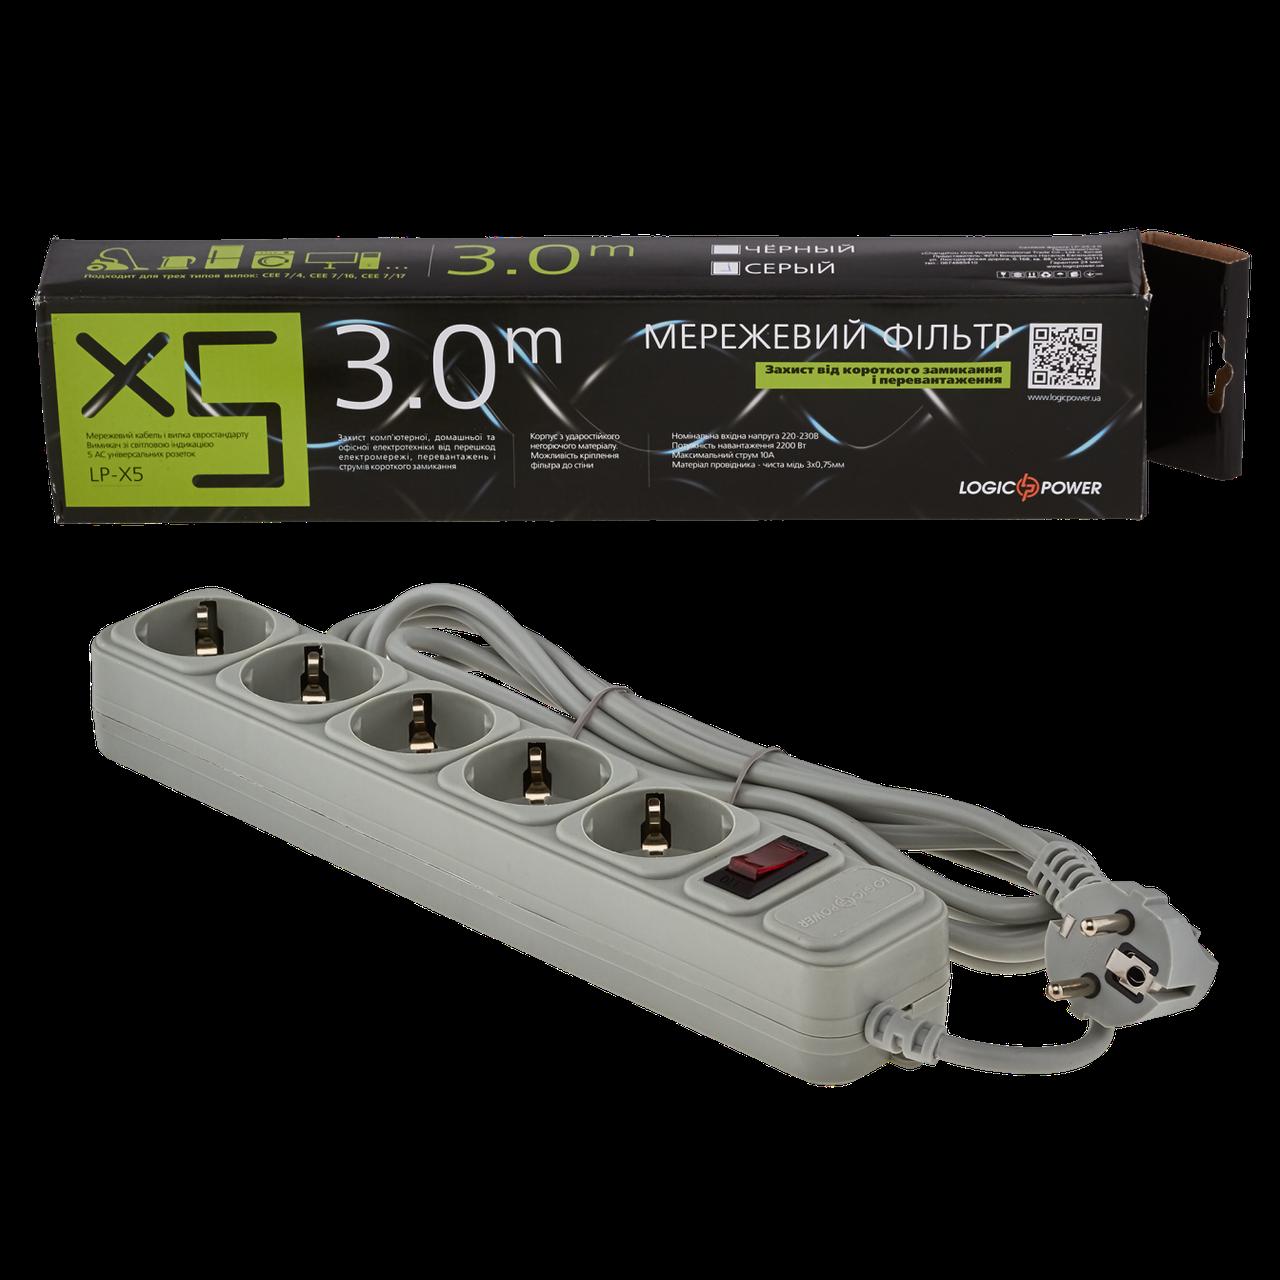 УЦ Сетевой фильтр LP-X5 3 м Grey